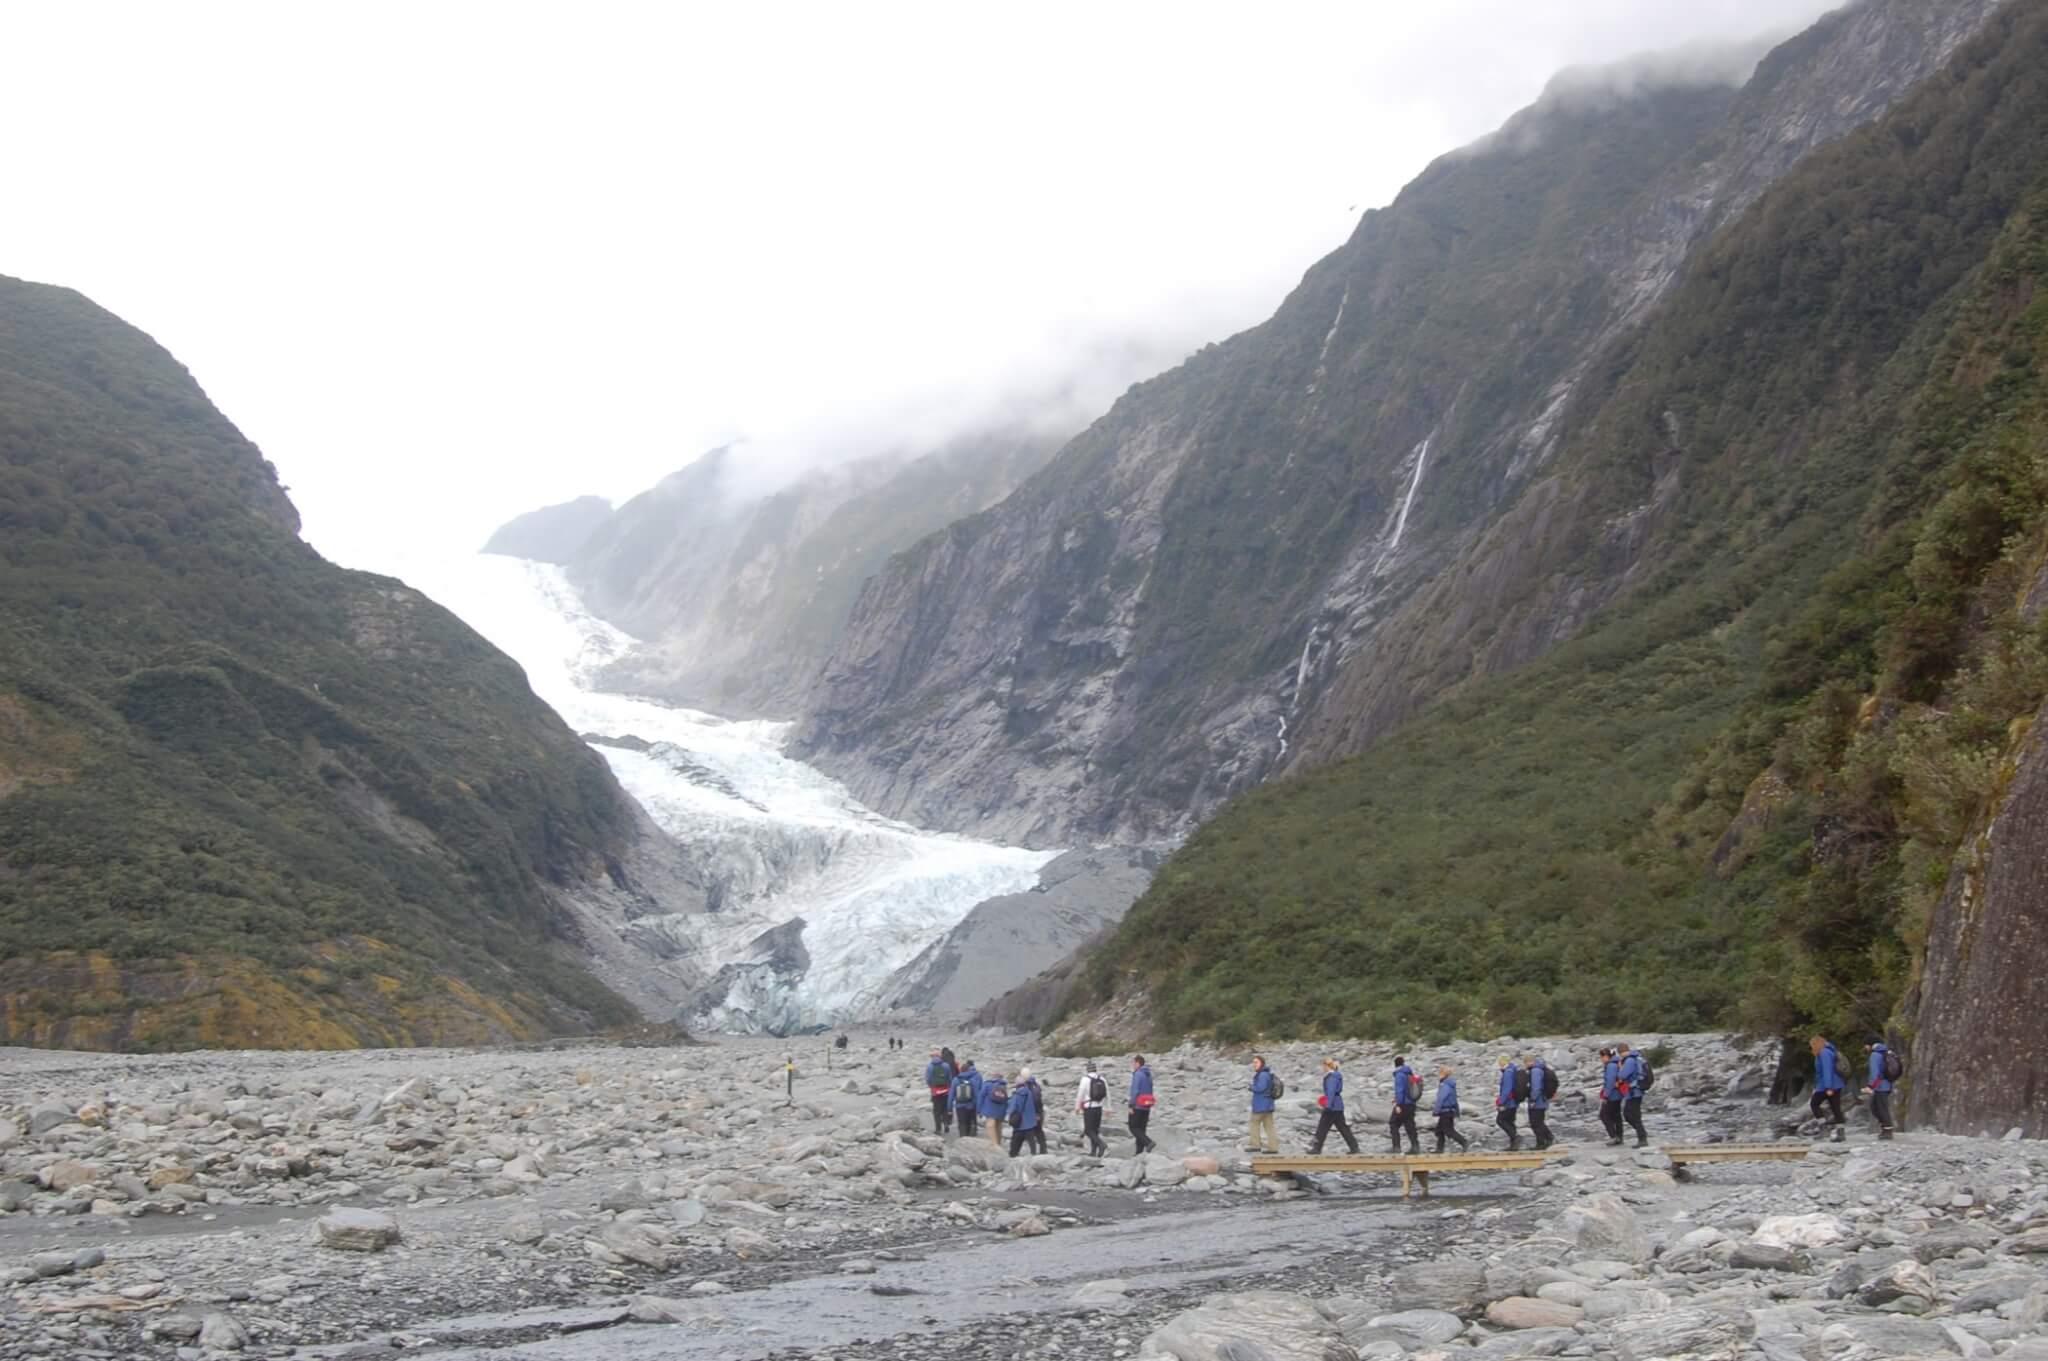 Franz_Josef_Glacier_New Zealand